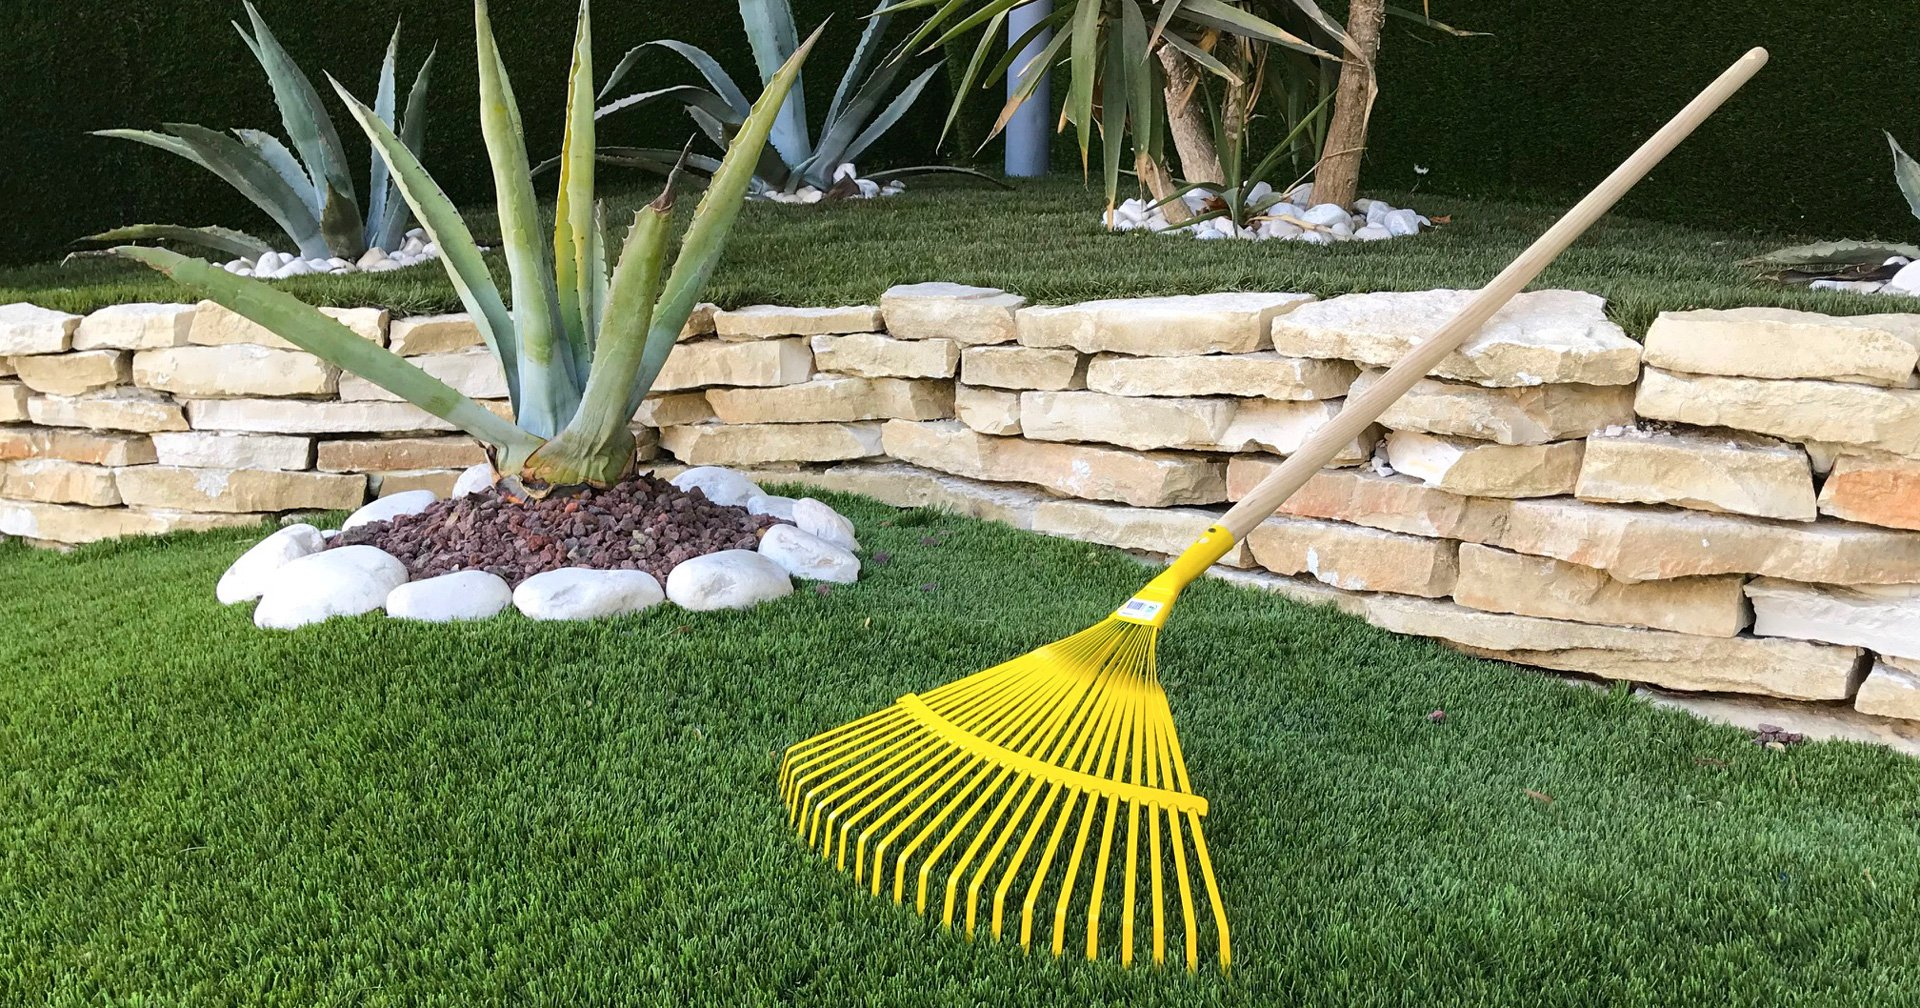 Come si pulisce un giardino in erba sintetica